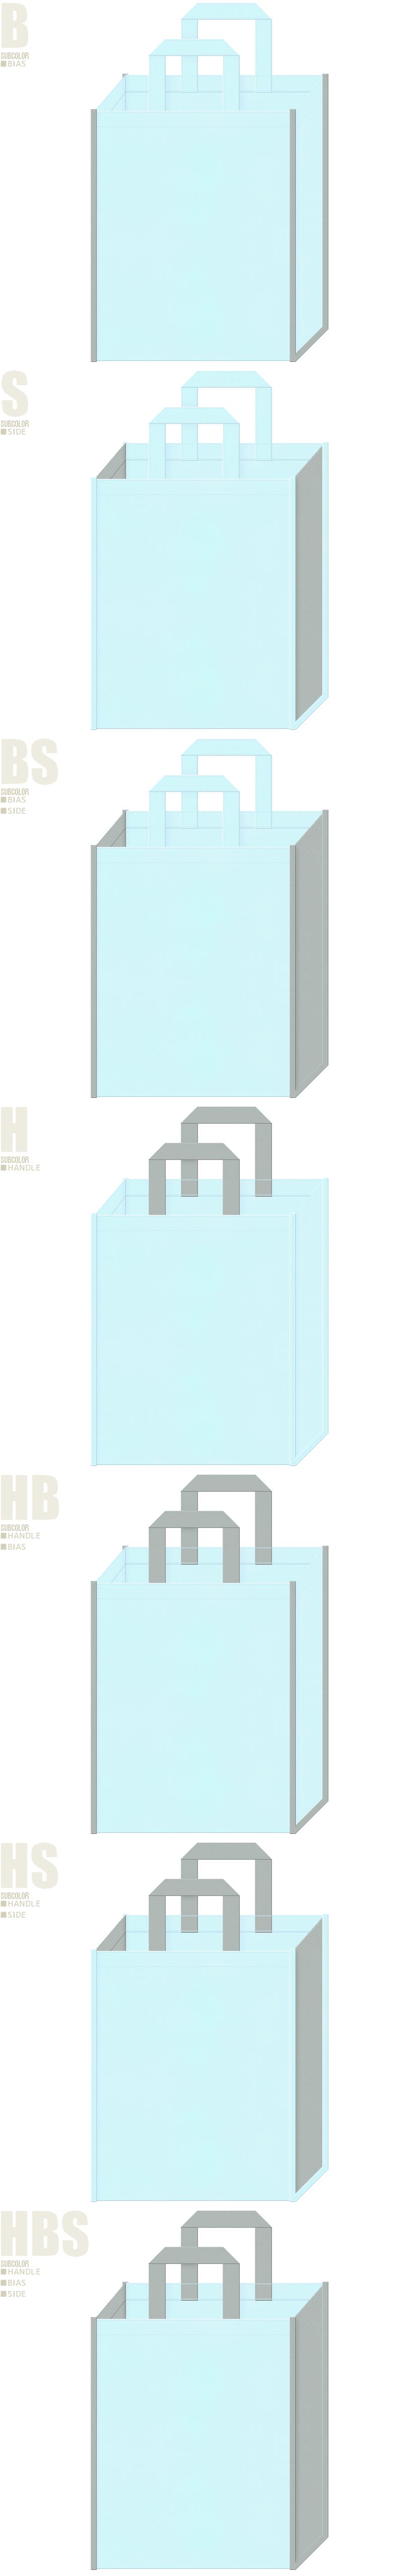 アルミサッシ・エクステリア・ガス・水道設備・給排水設備の展示会用バッグにお奨めの不織布バッグデザイン:水色とグレー色の配色7パターン